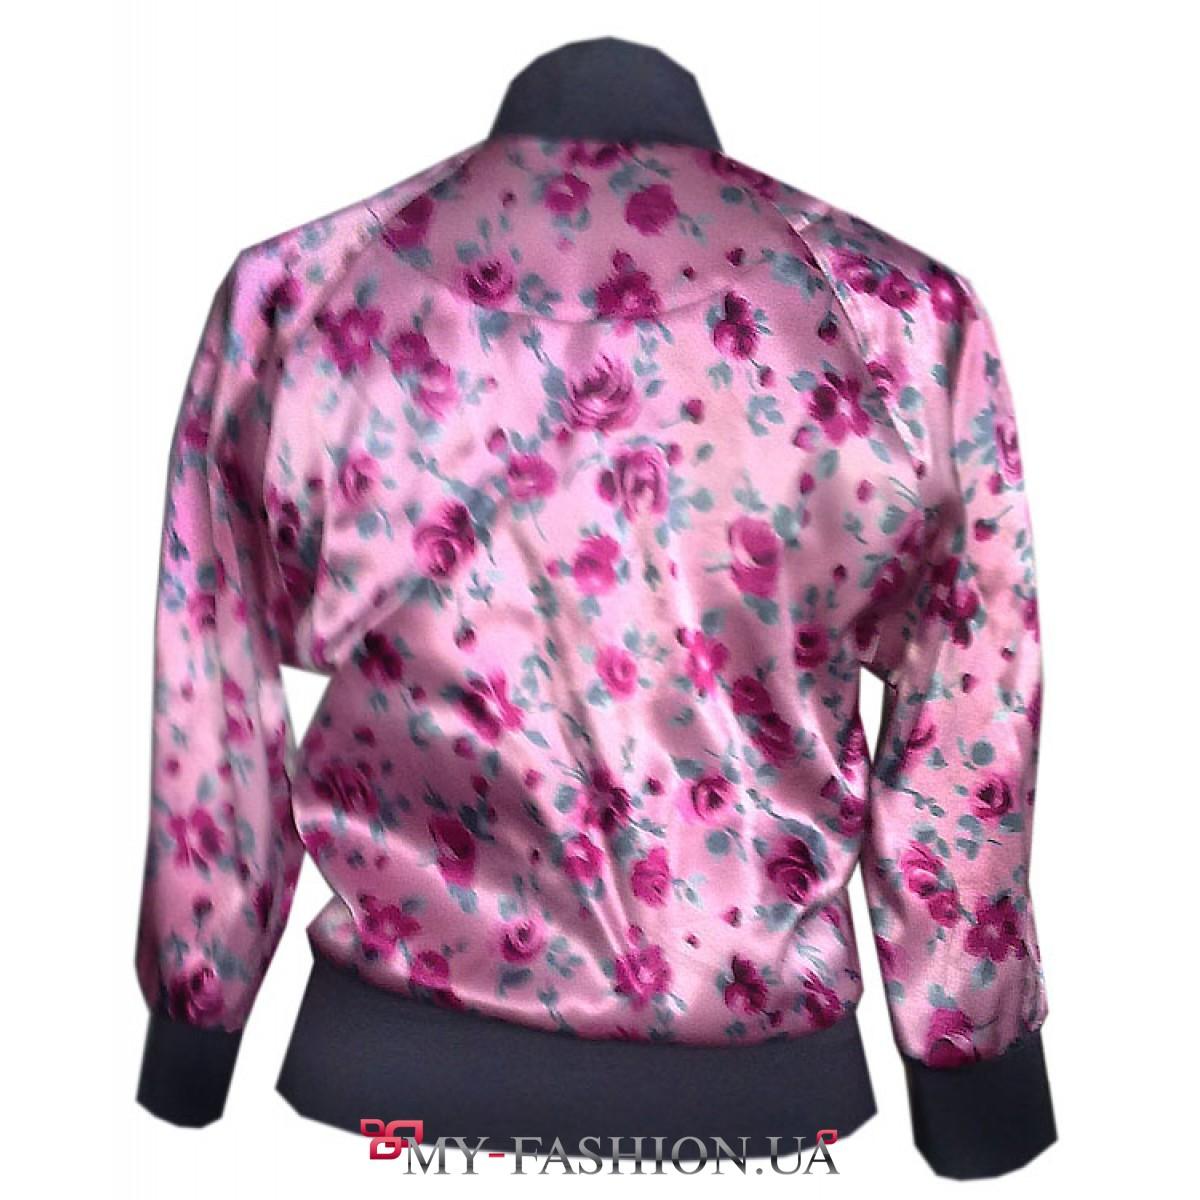 Купить Куртку Бомбер